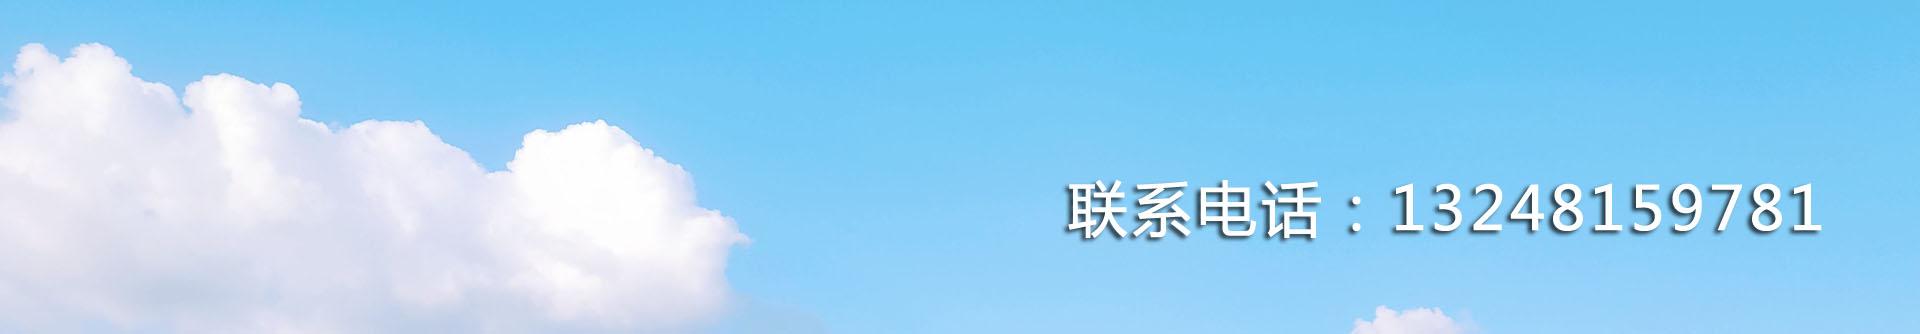 上海雄红清洗公司